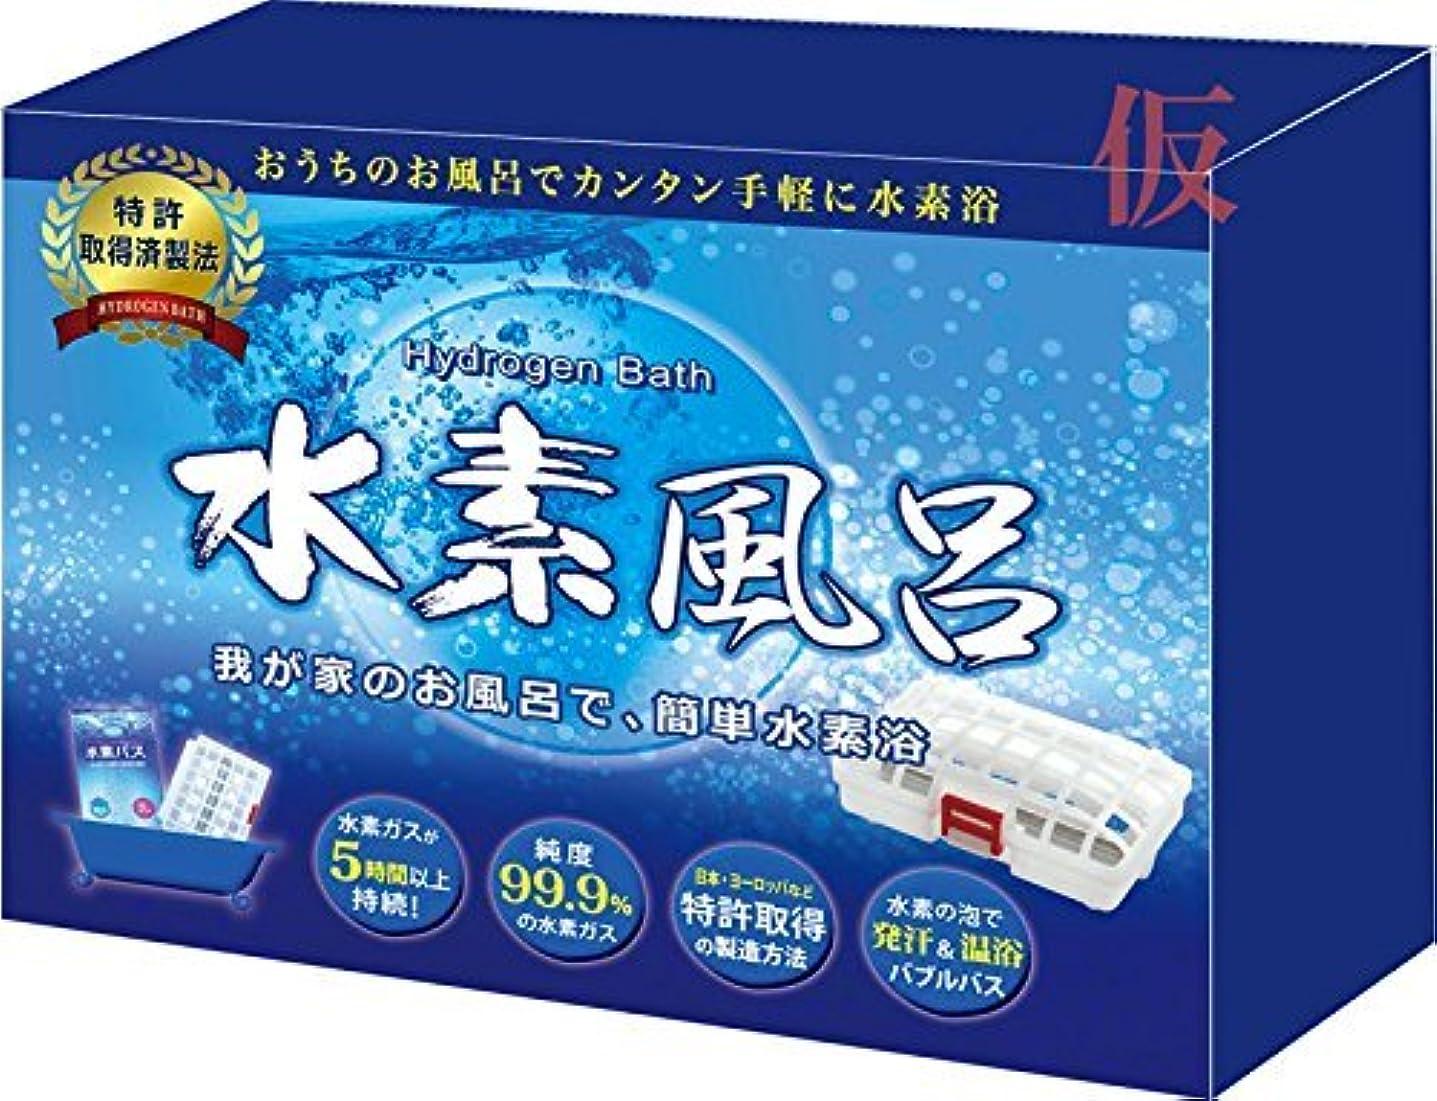 国民座標マージ水素風呂 4袋